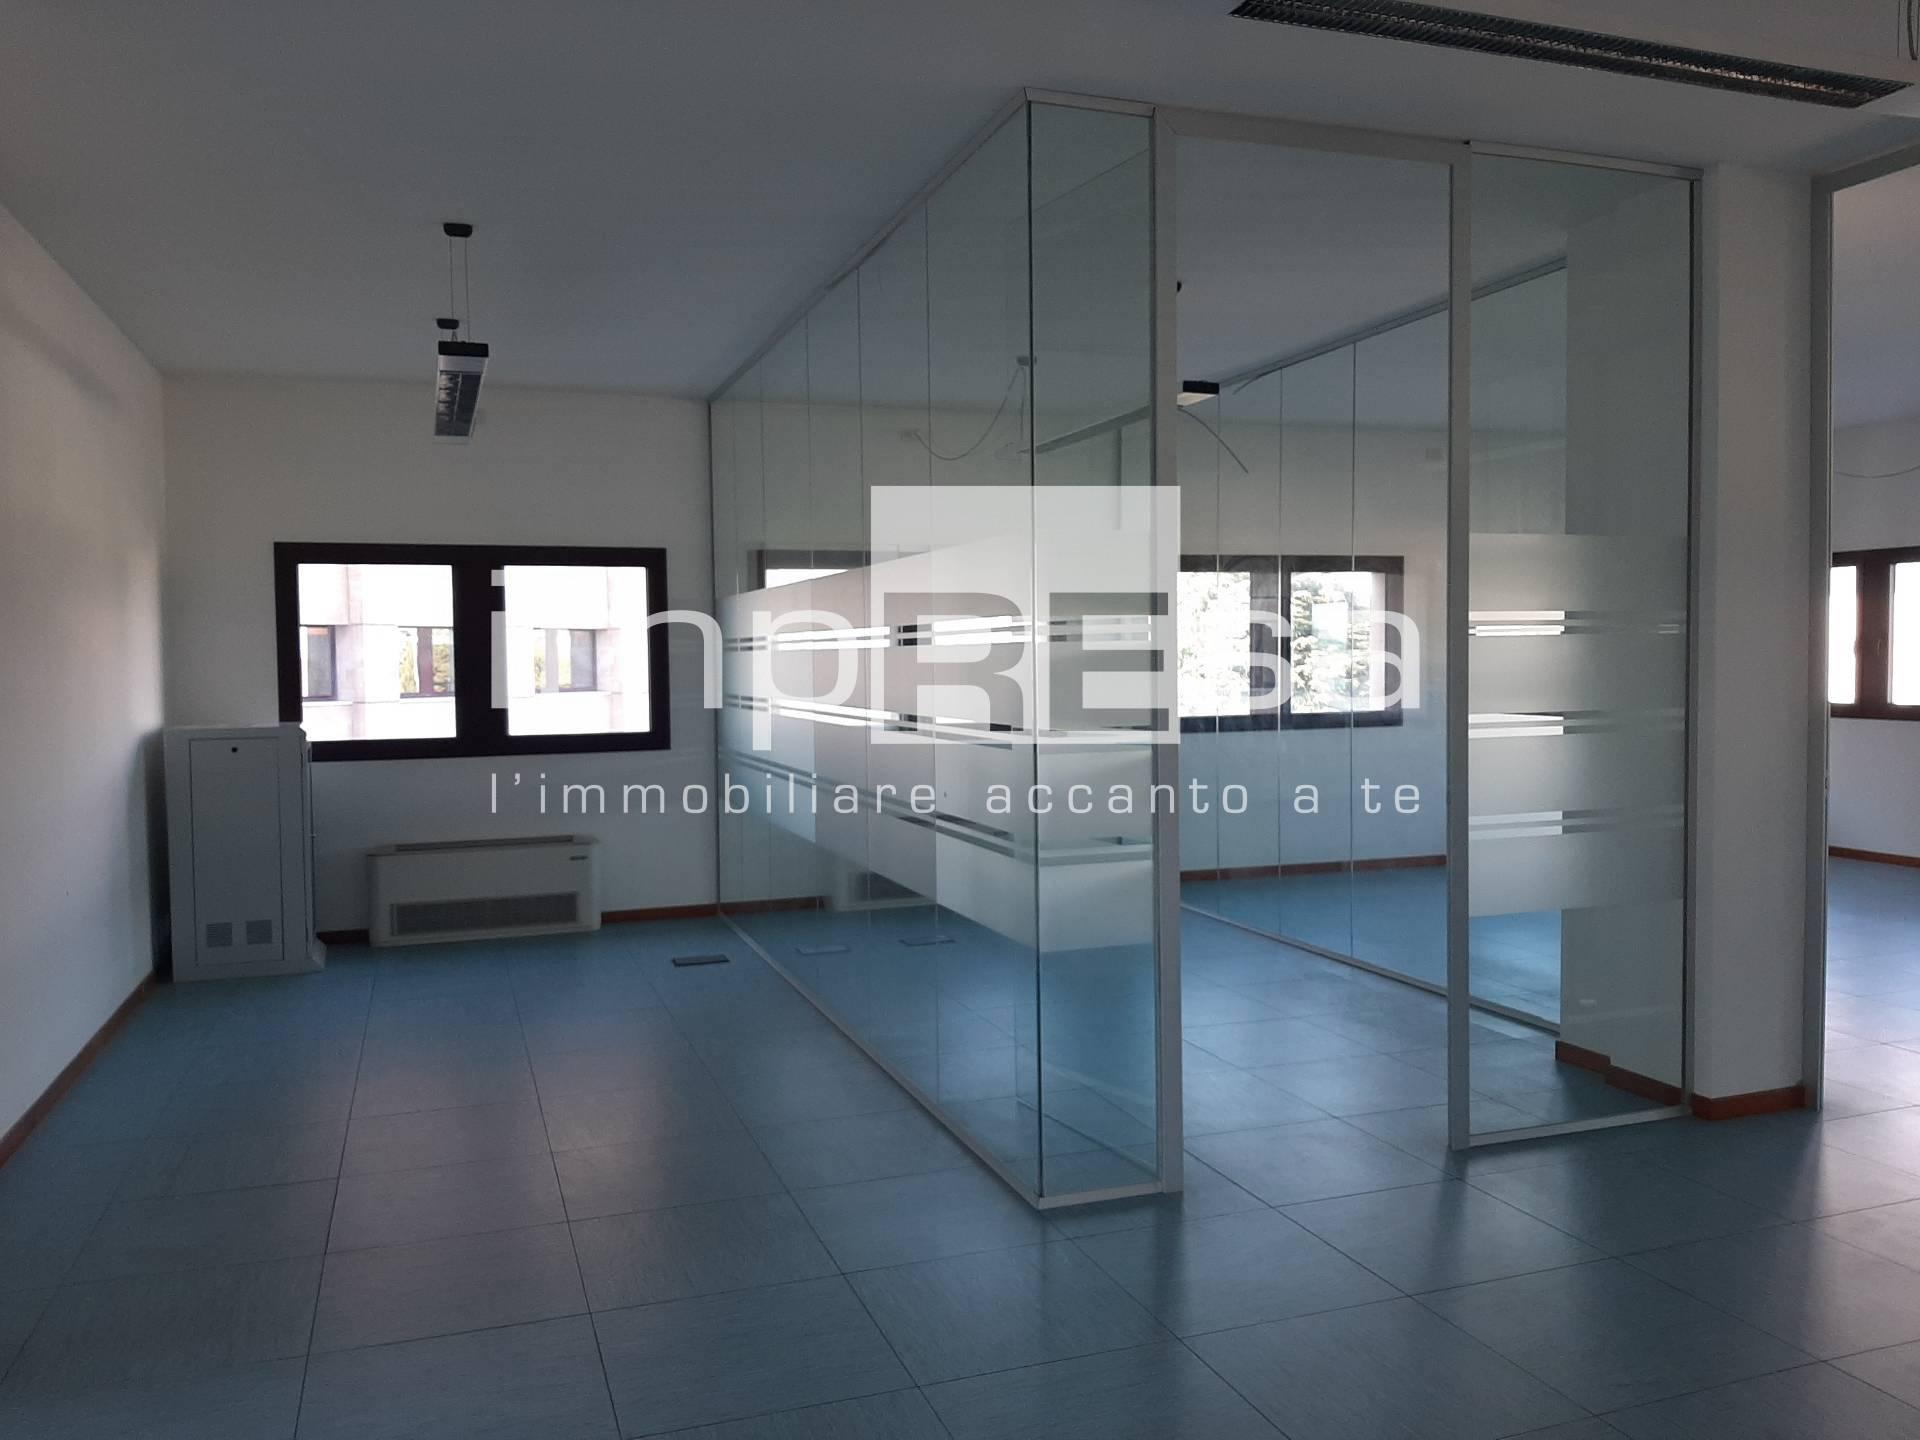 Ufficio / Studio in affitto a Treviso, 9999 locali, zona Zona: Castellana, prezzo € 1.500 | CambioCasa.it